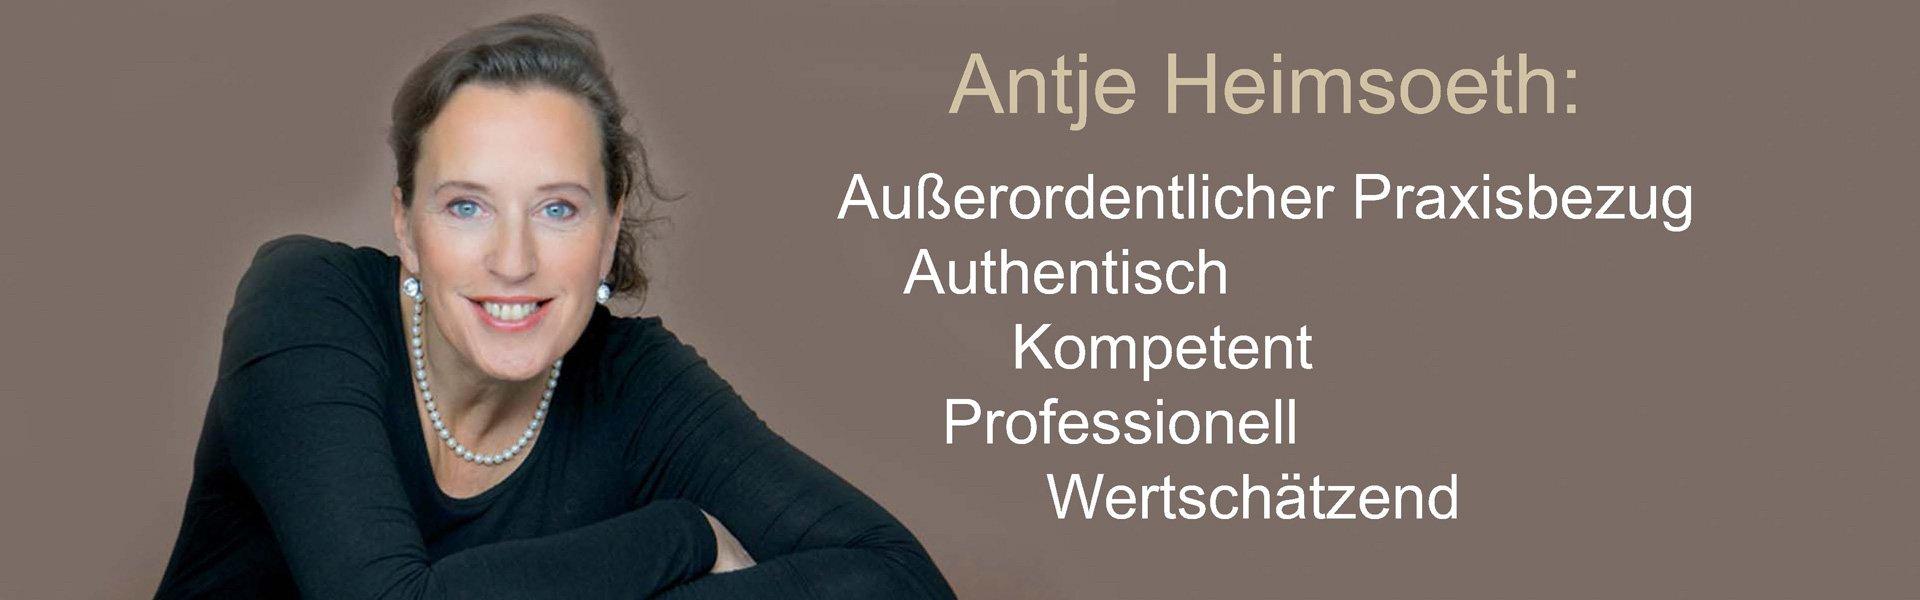 Antje Heimsoeth Header